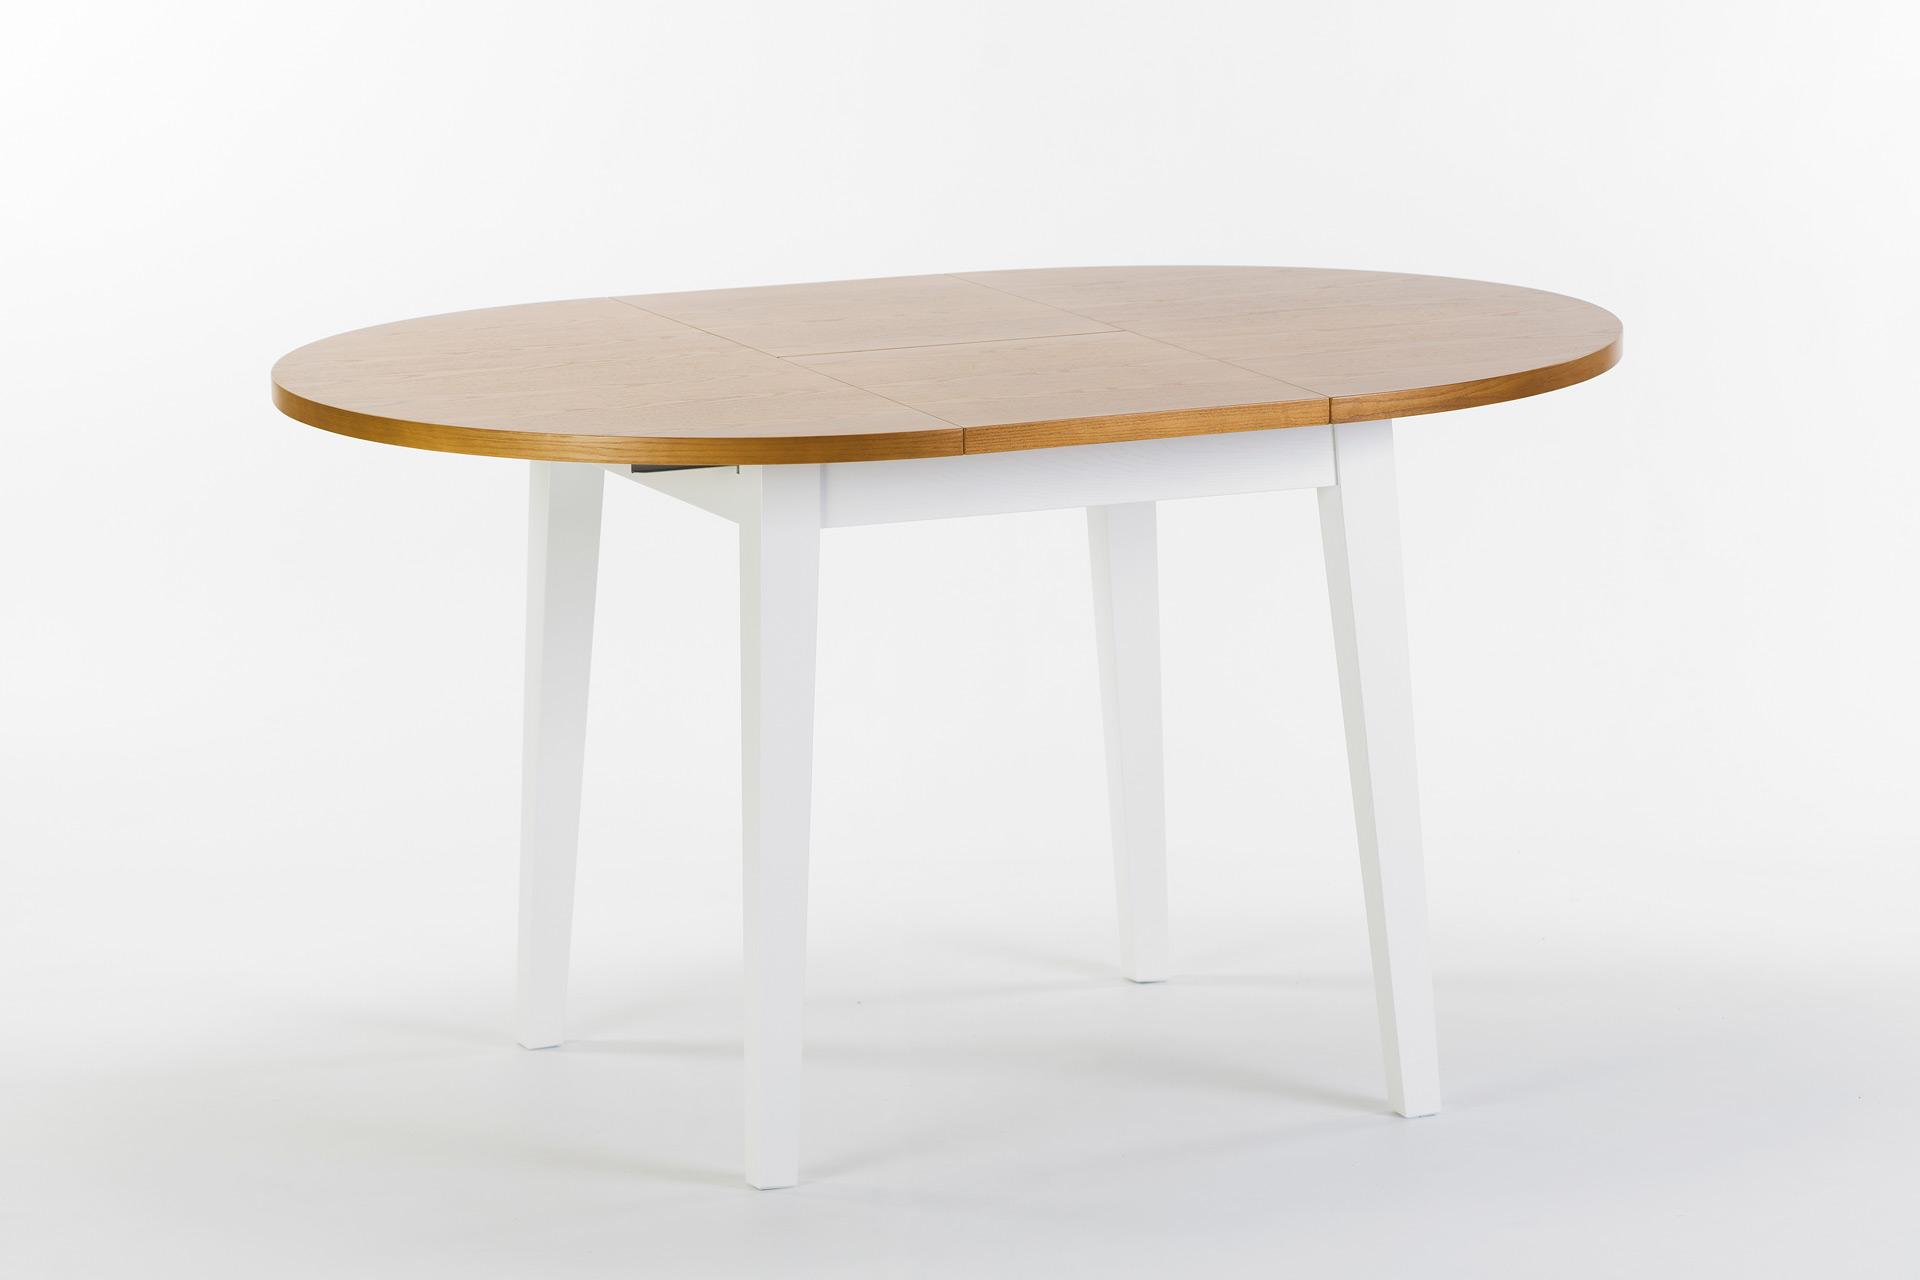 """Круглый кухонный стол """"Монтерей"""" - раскладная столешница покрыта шпоном ясеня, тонирована, цвет SE-7005. Ножки и царга из твердого дерева, покрыты белой эмалью, цвет RAL 9003. Разложенный"""